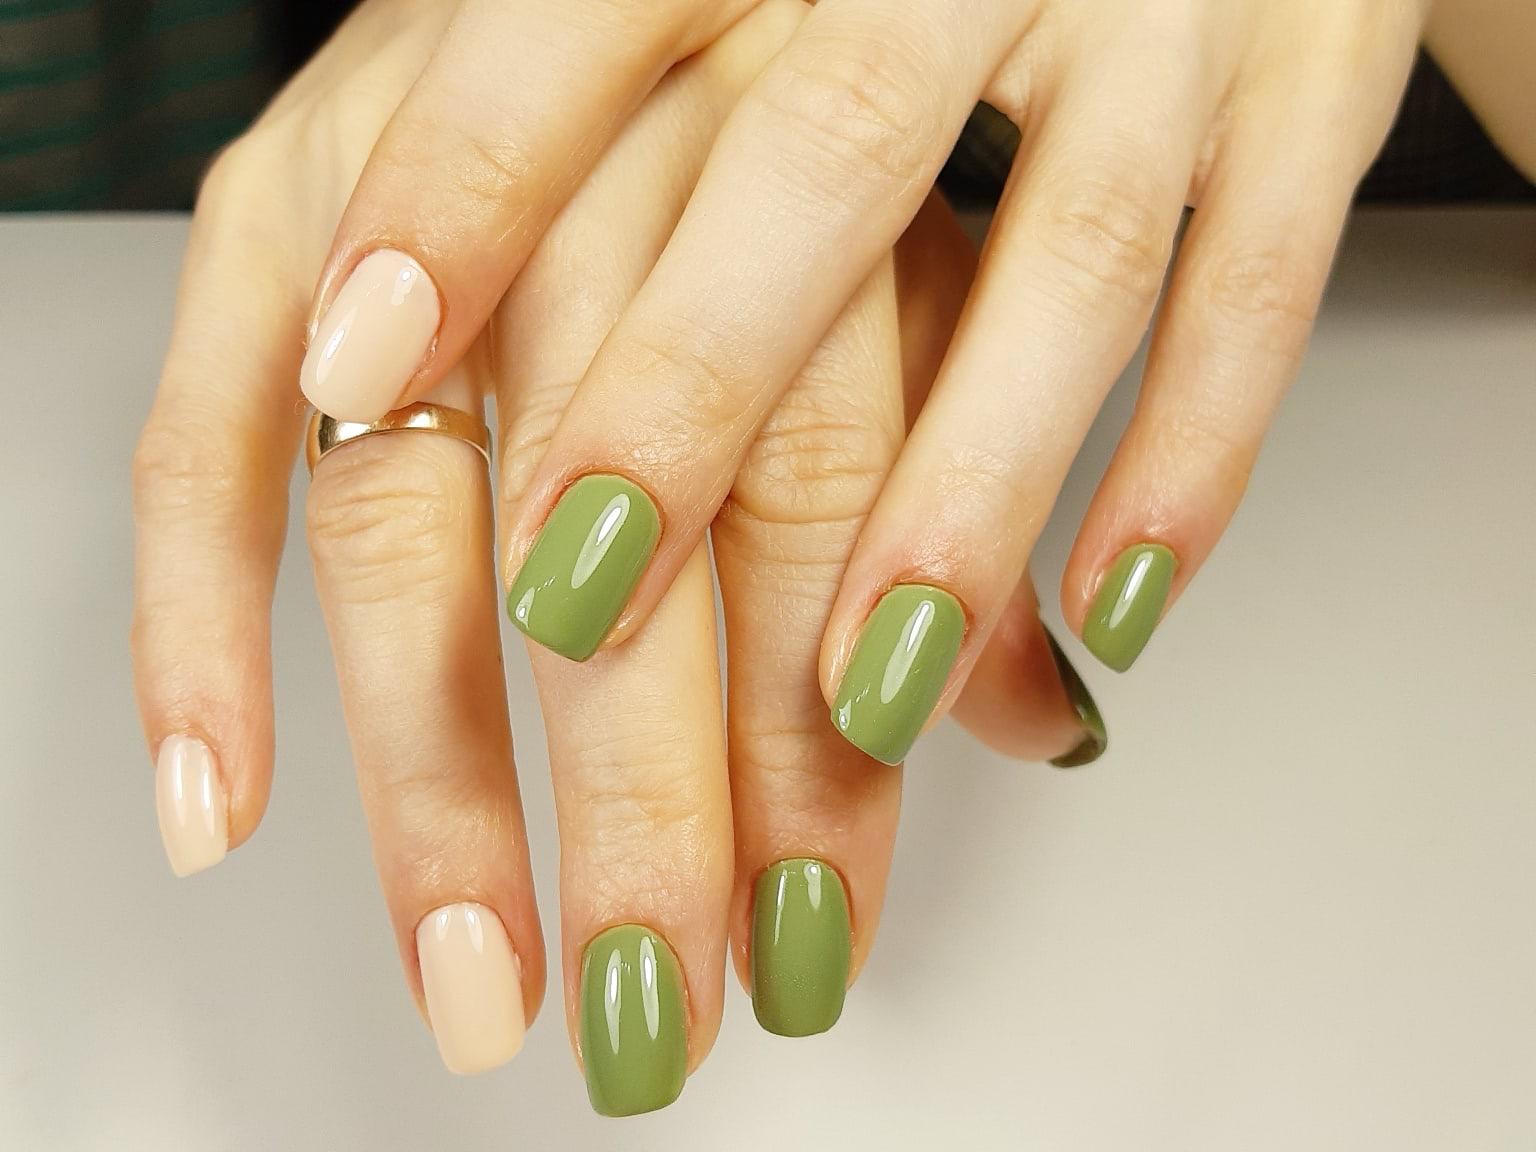 Маникюр в оливковом цвете на короткие ногти.